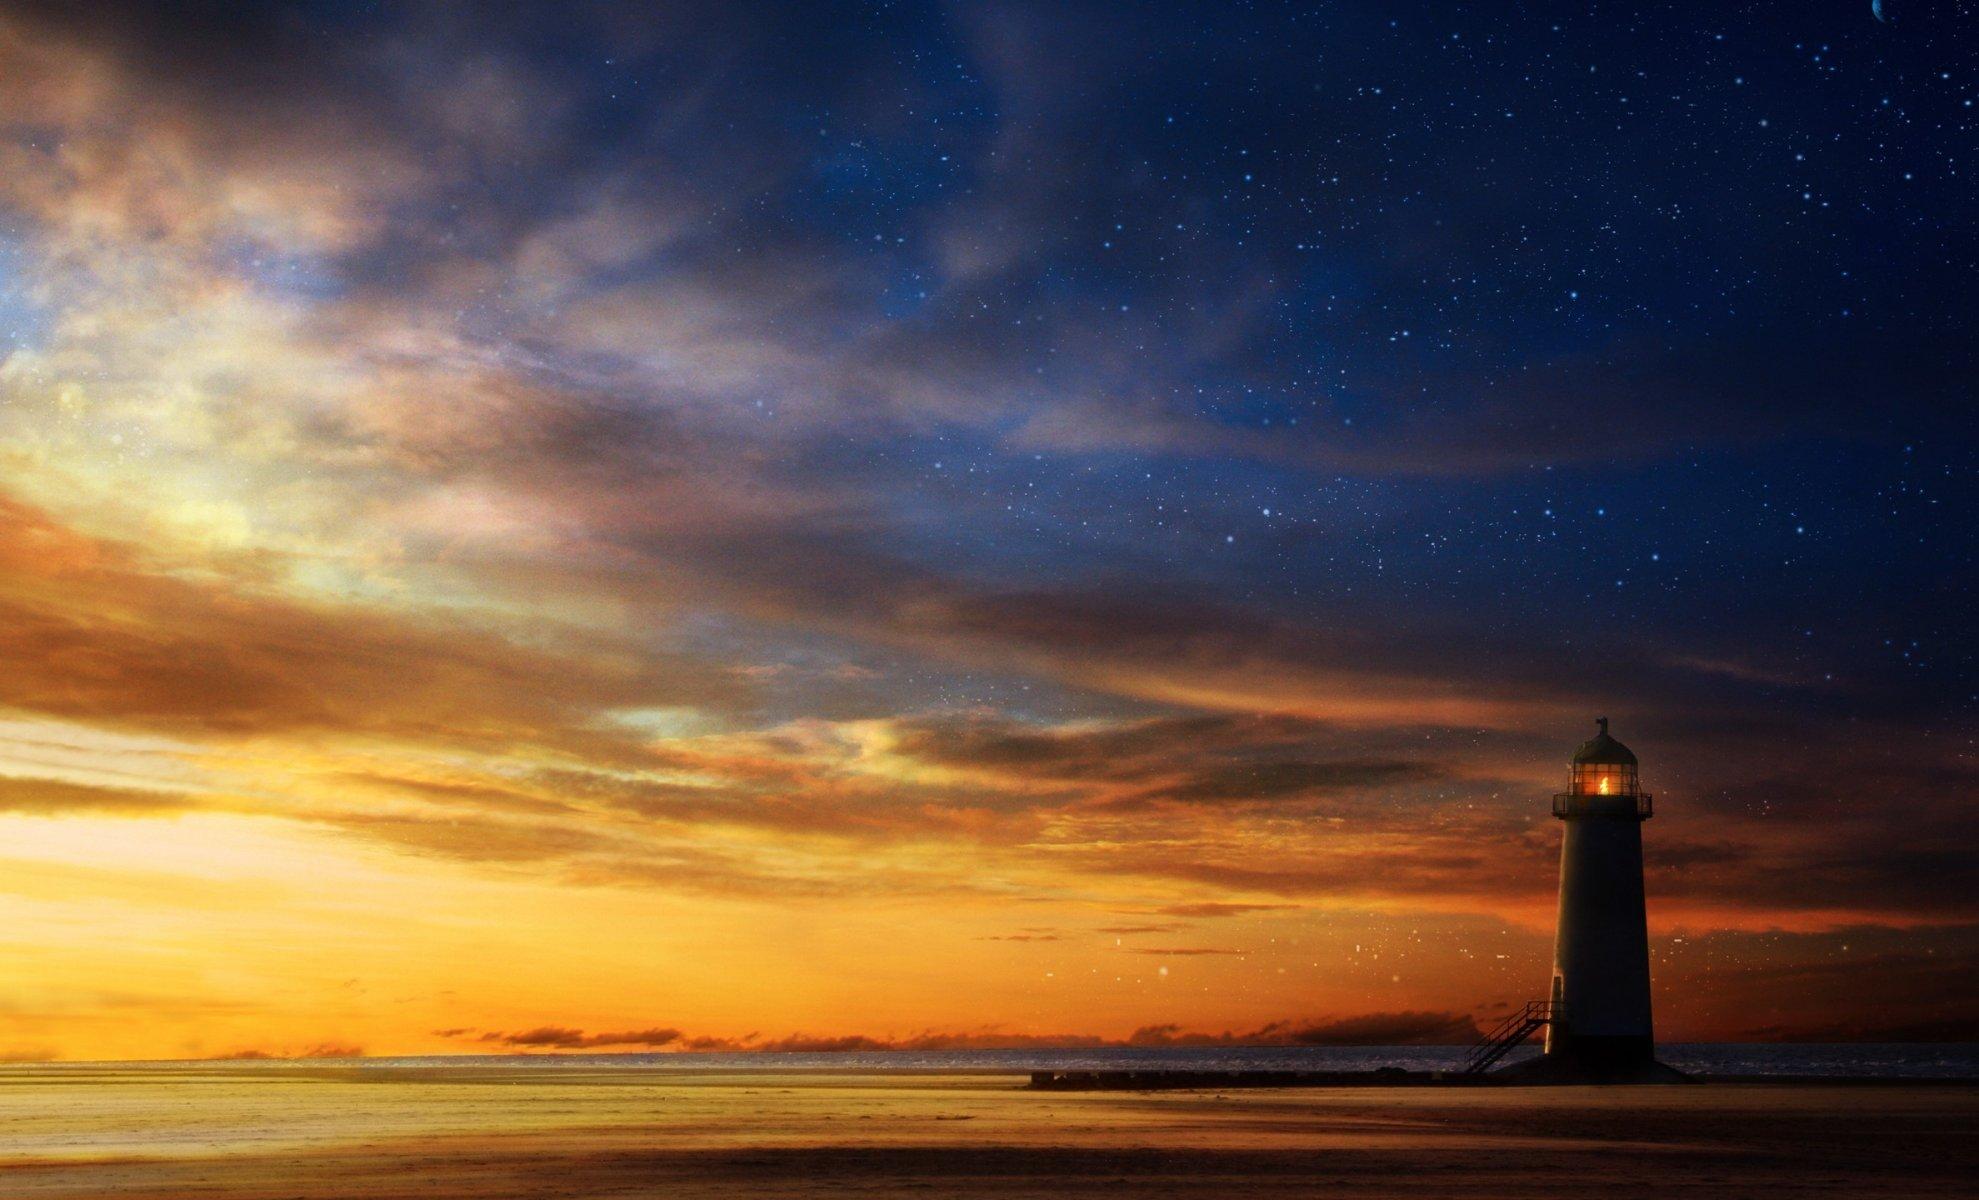 моей маяк ночью красивые картинки этнографическими